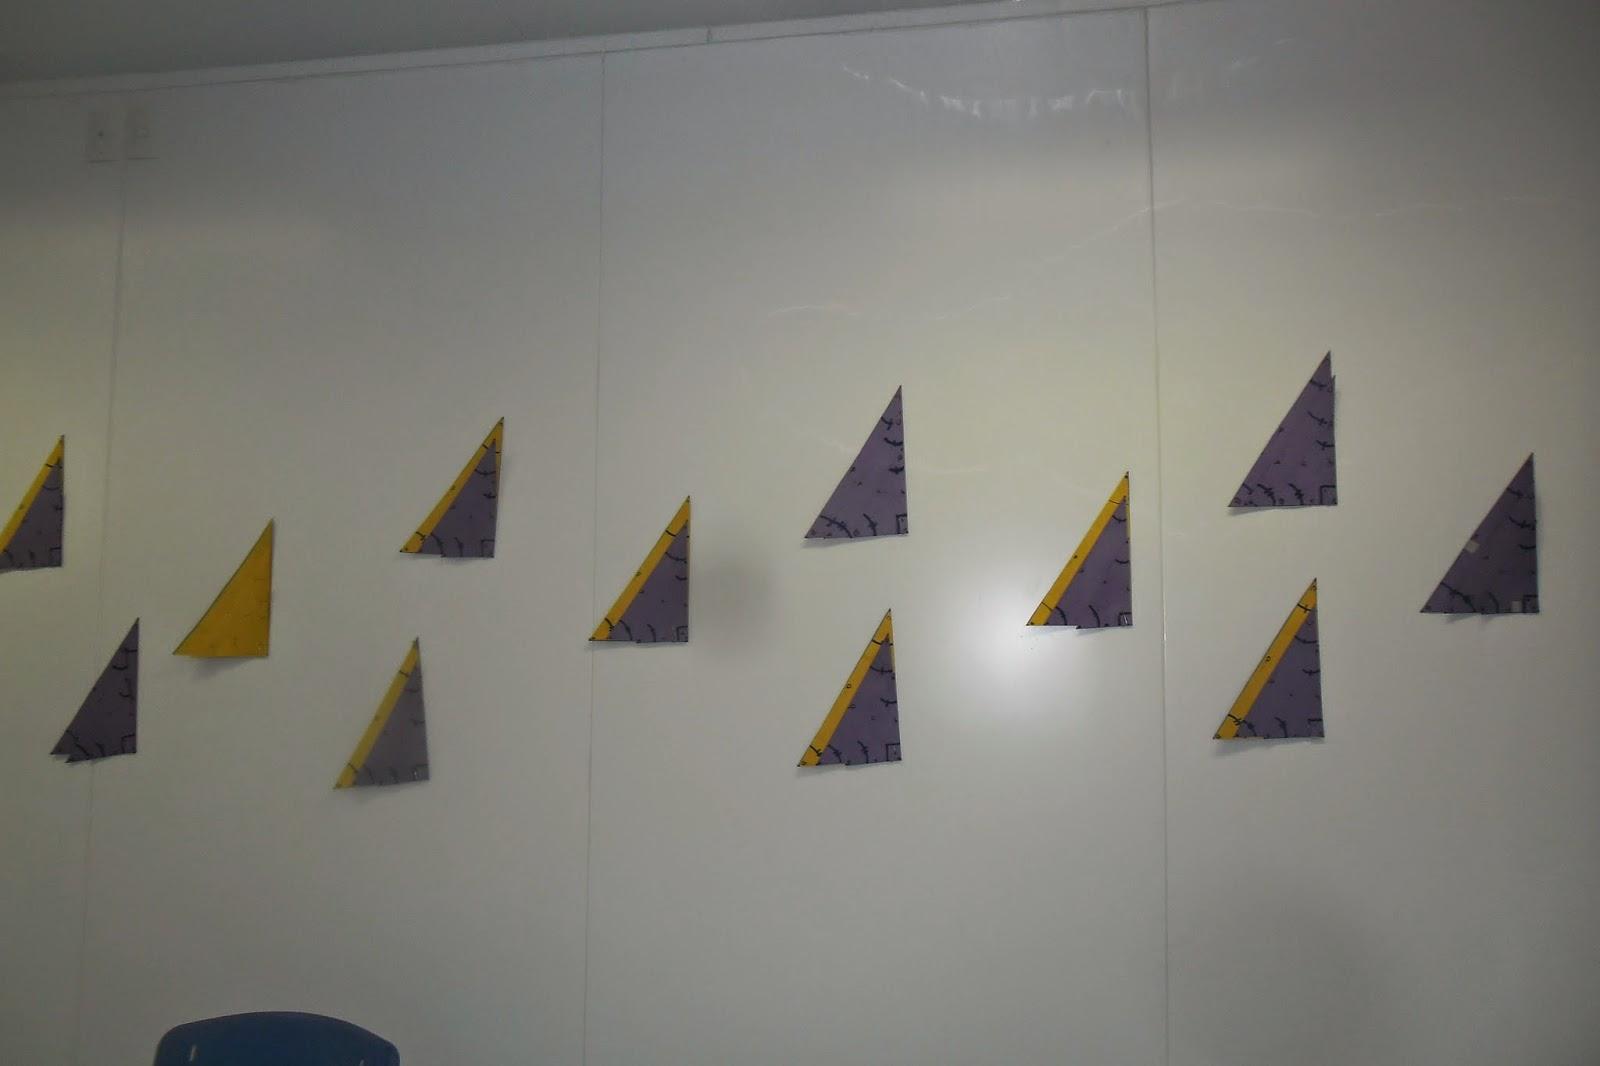 Oficina: Investigando as razões trigonométricas no triângulo retângulo com tampa de achocolatado!